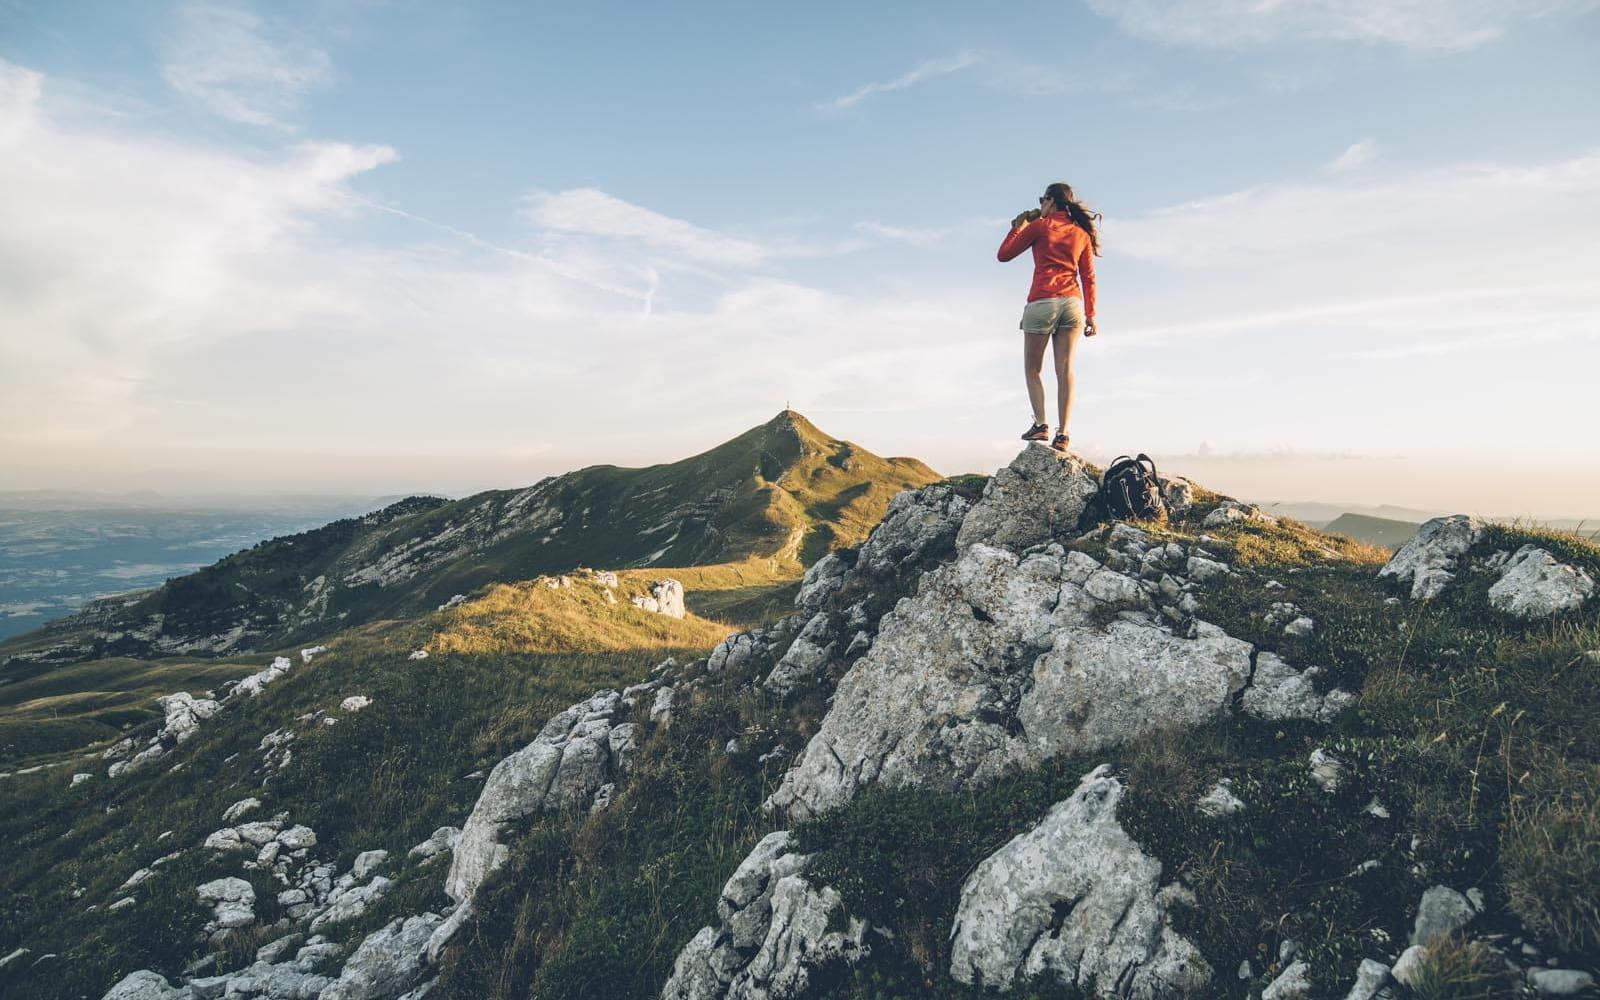 Randonnée sur les crètes du Jura